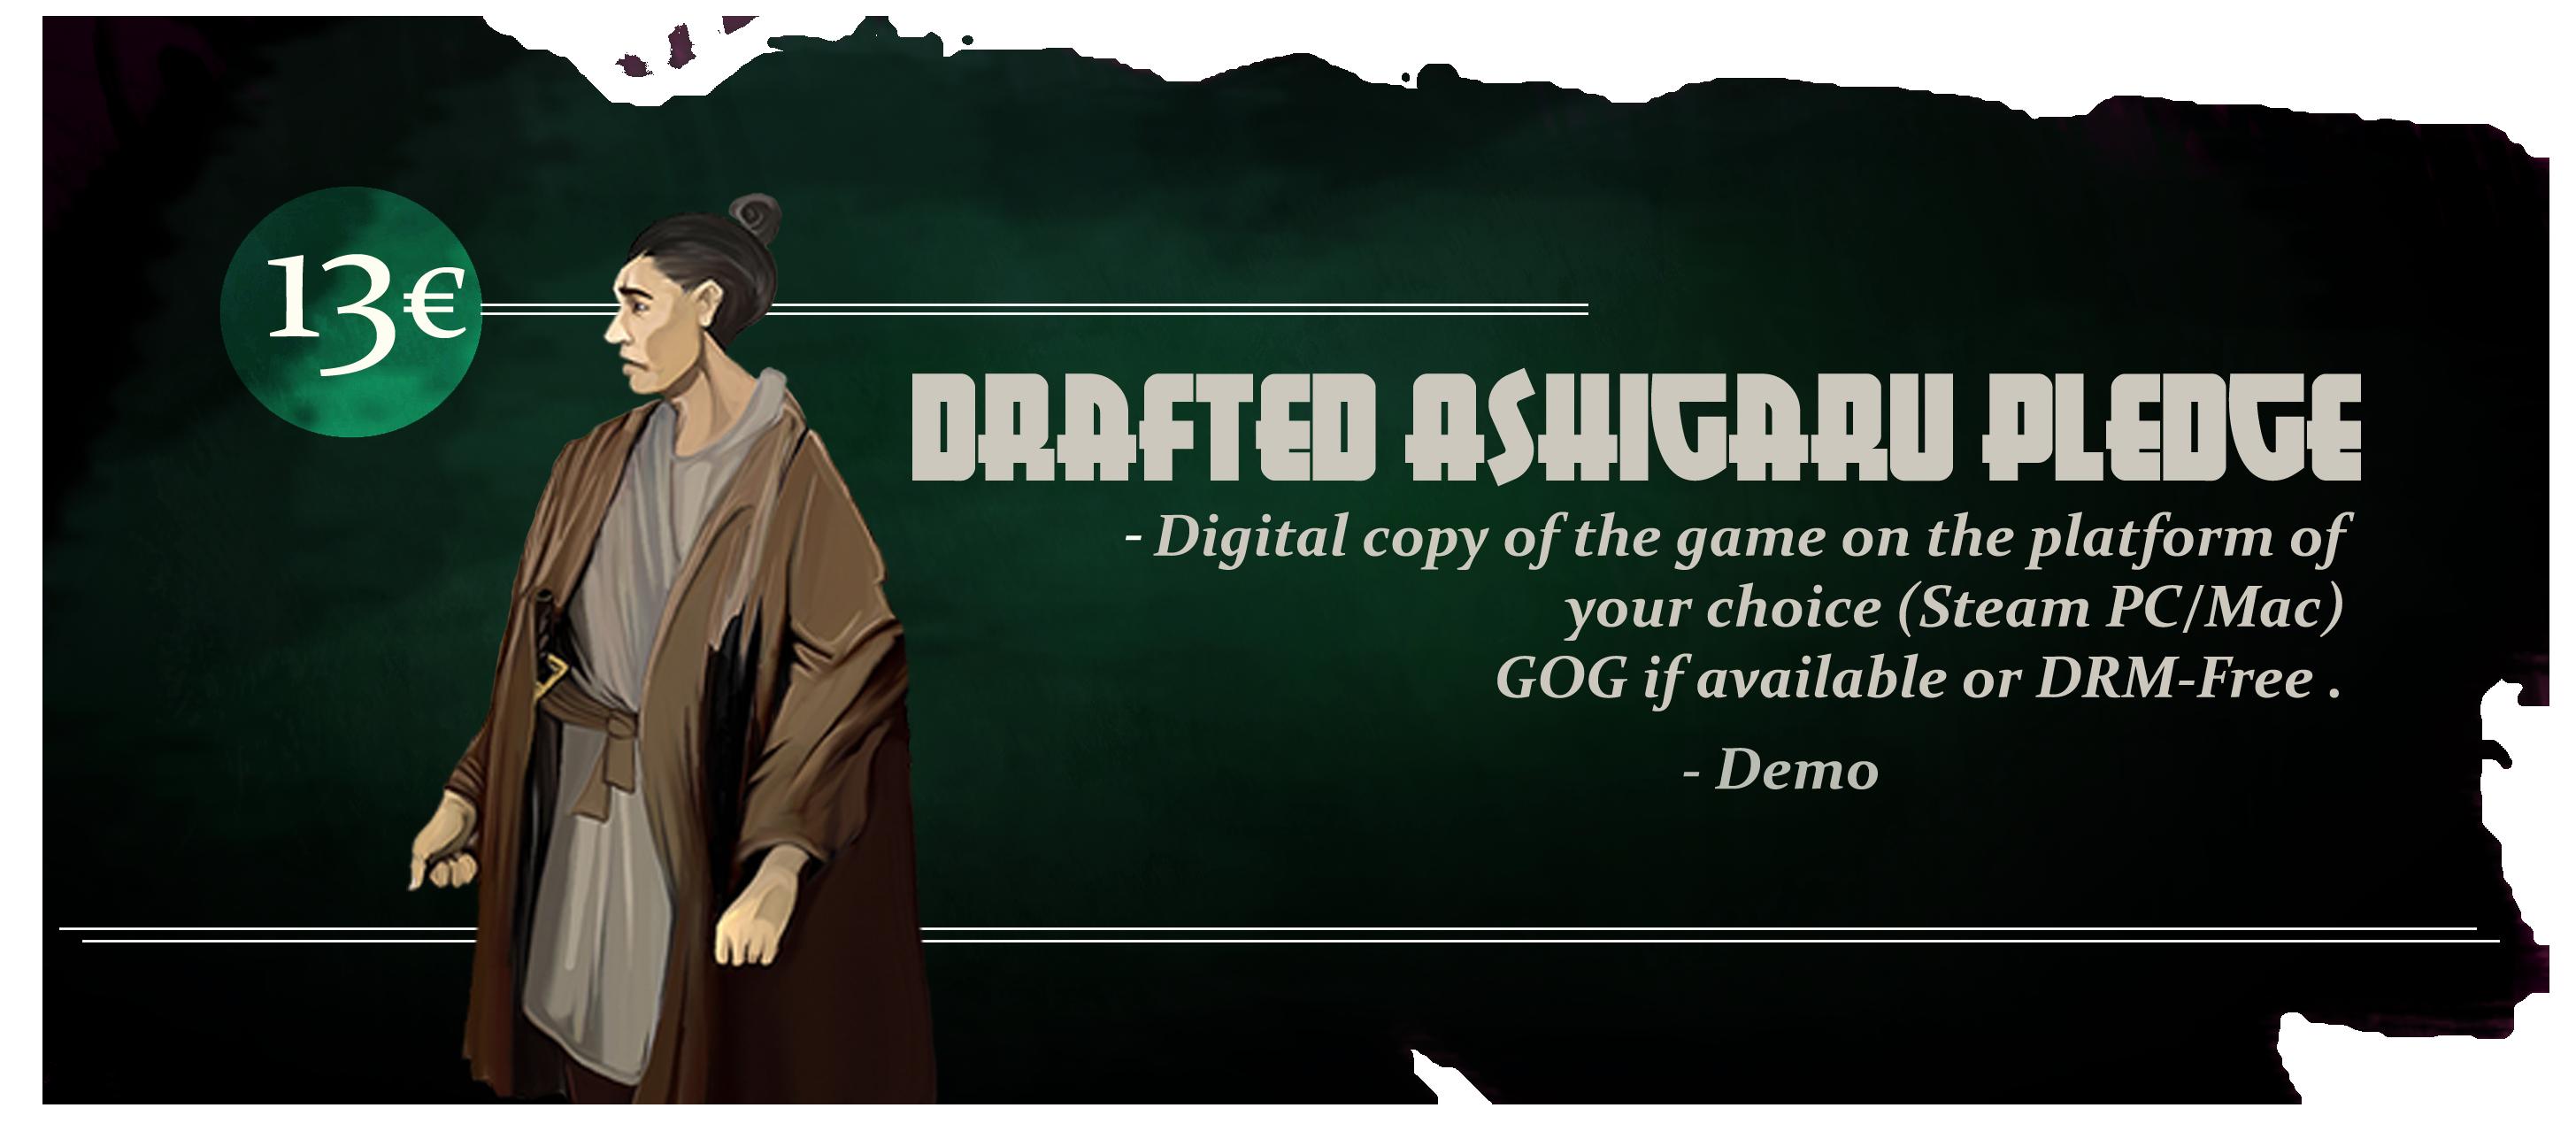 Drafted Ashigaru